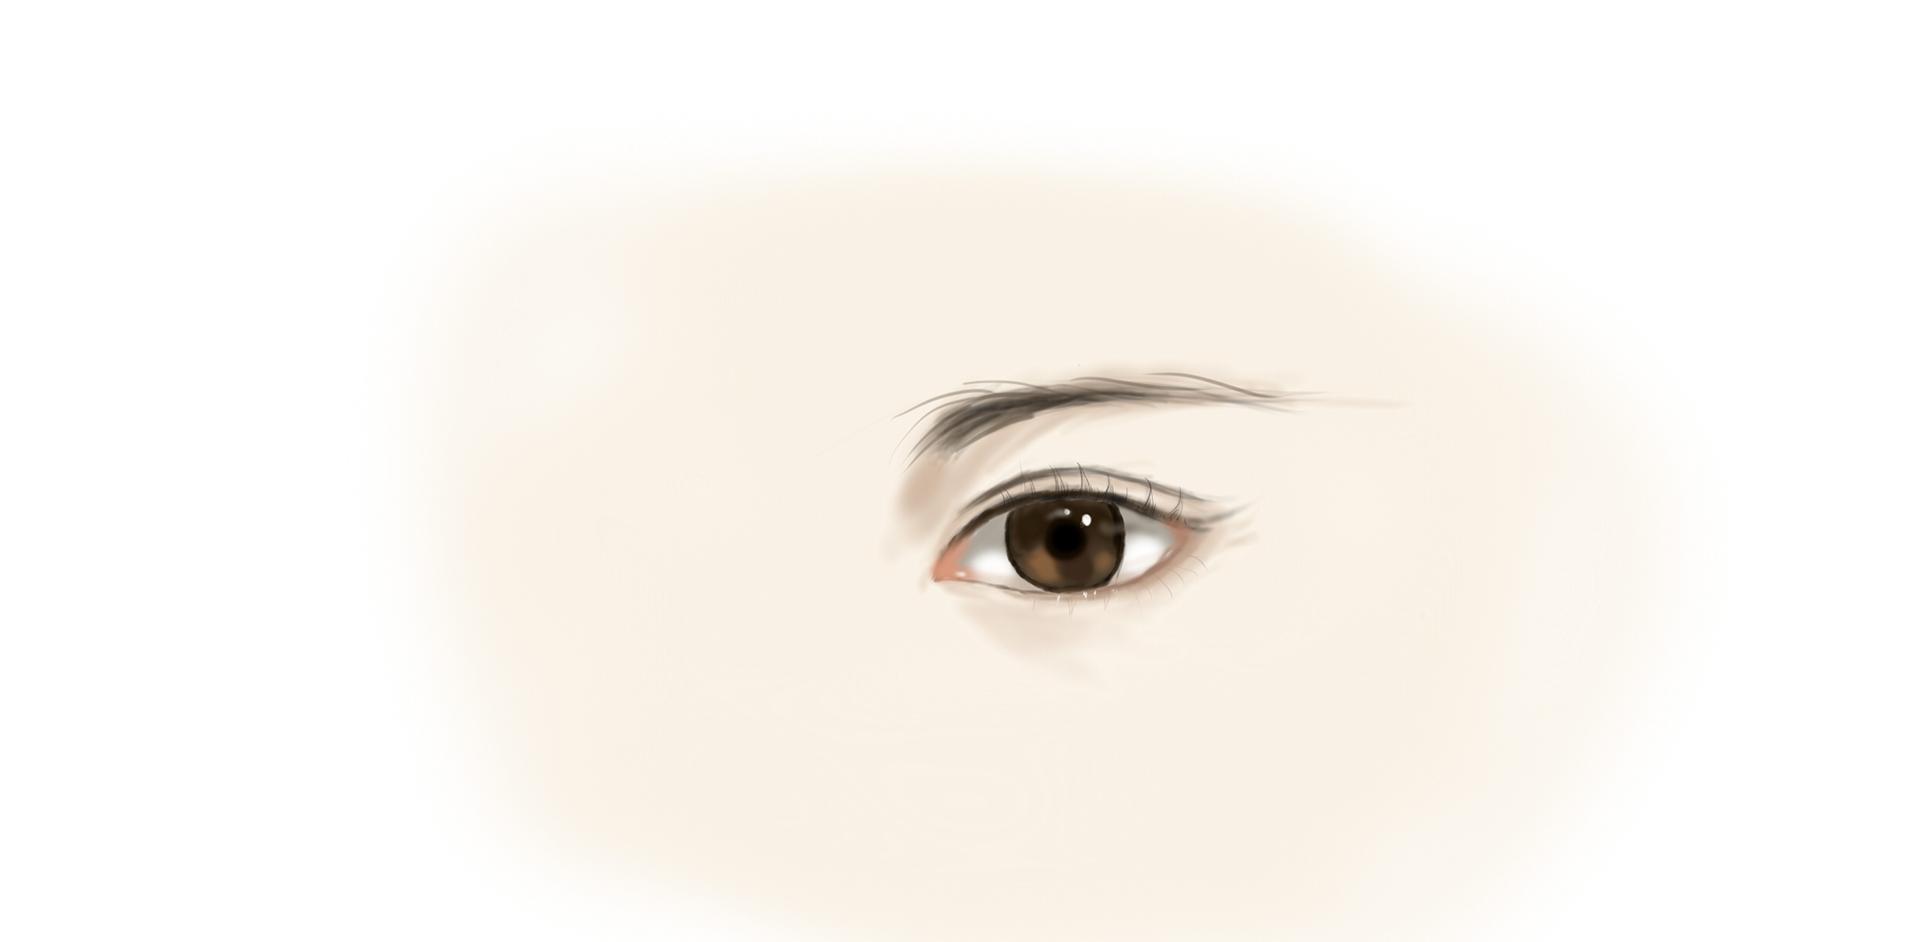 3月20日手绘练习,临摹作品.蝙蝠宝宝,眼睛